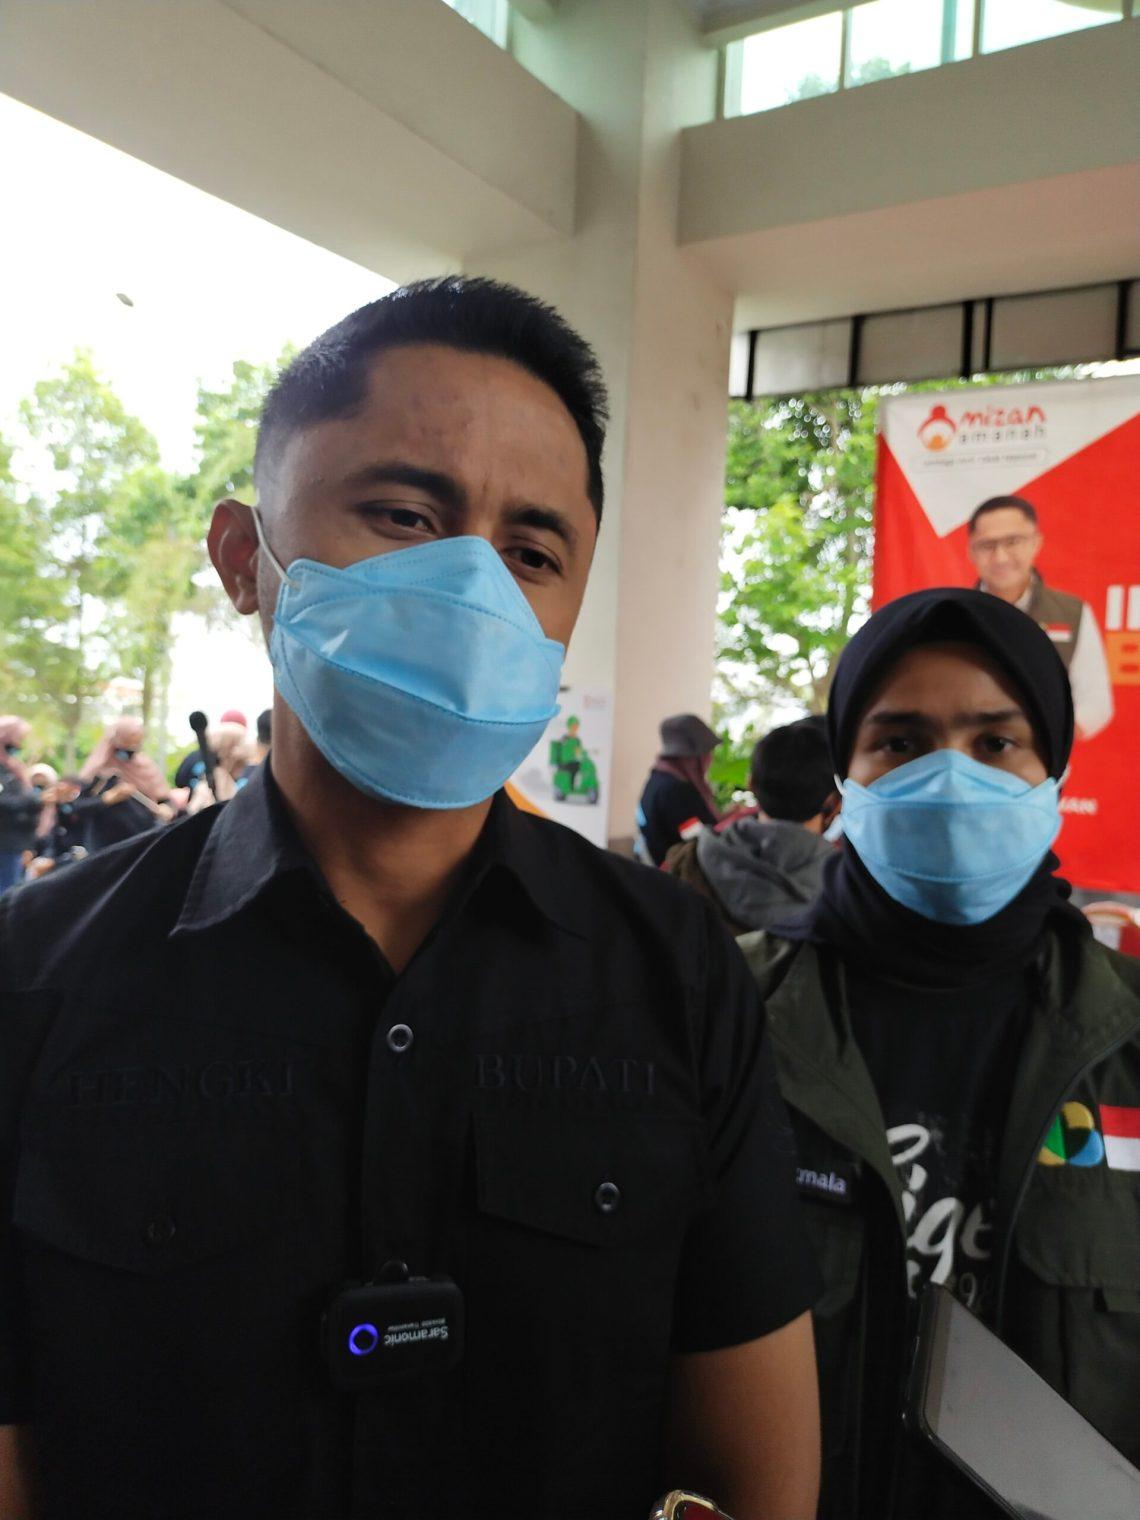 Pelaksana Tugas (Plt) Bupati Bandung Barat, Hengki Kurniawan (Foto: Istimewa)